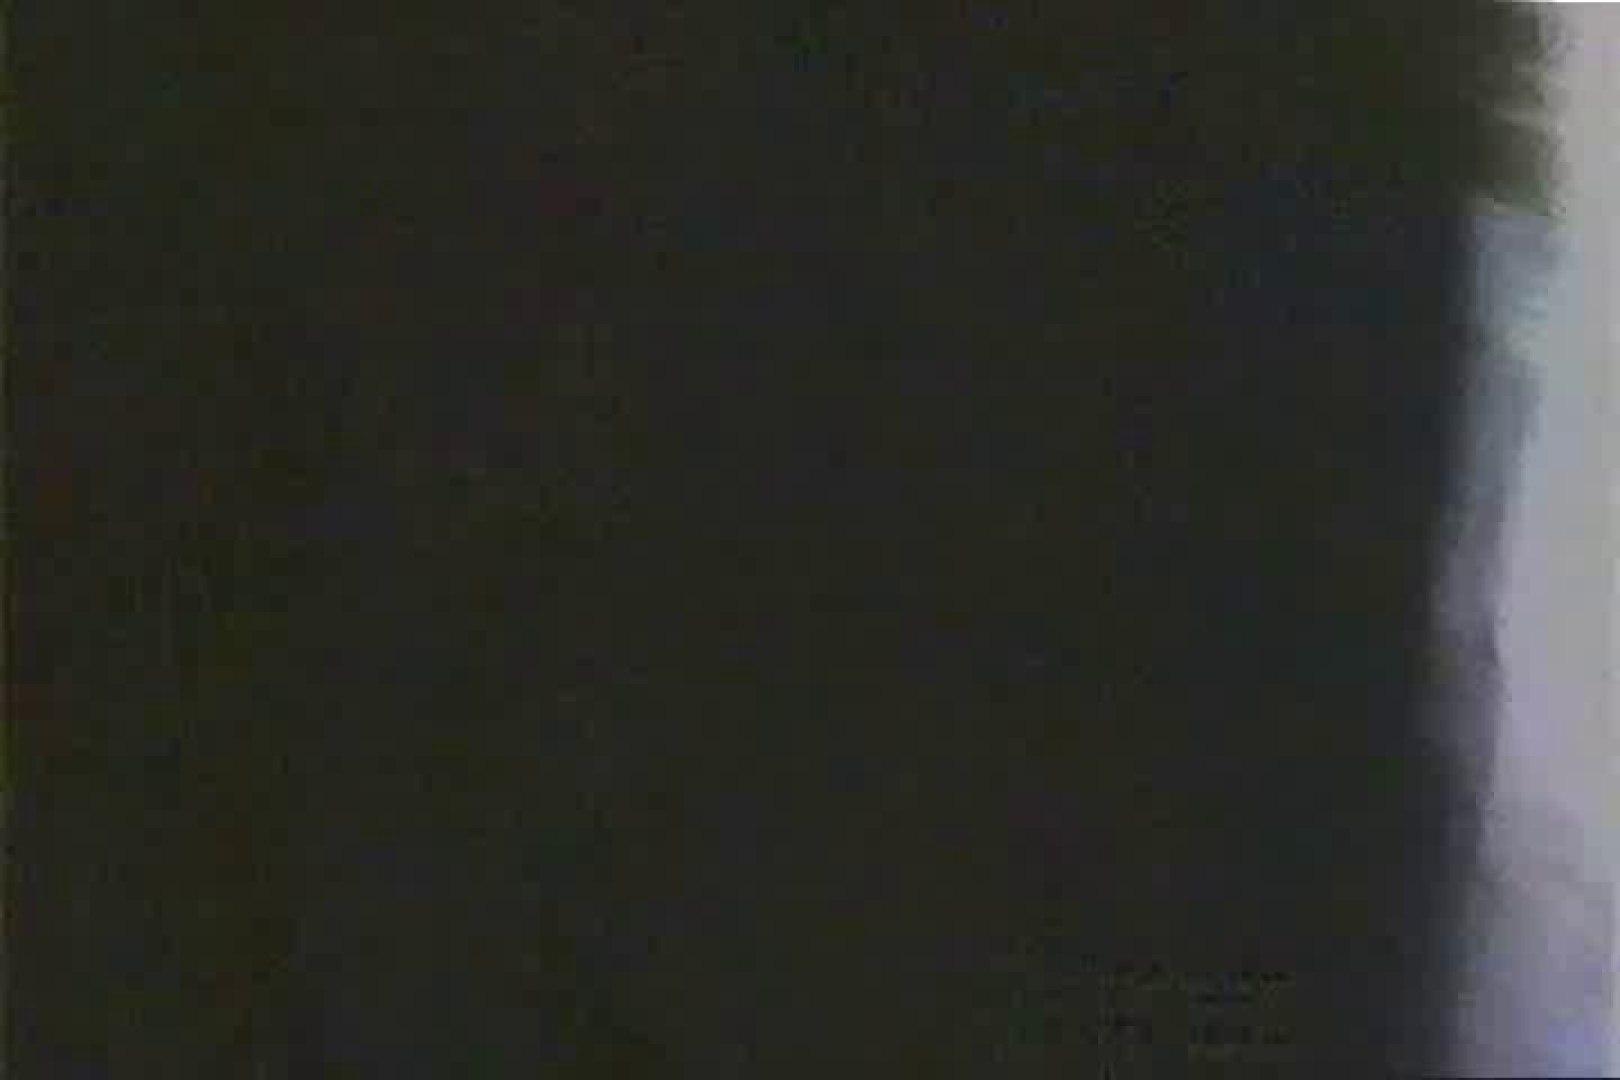 「ちくりん」さんのオリジナル未編集パンチラVol.2_02 OLヌード天国 AV動画キャプチャ 84PIX 38